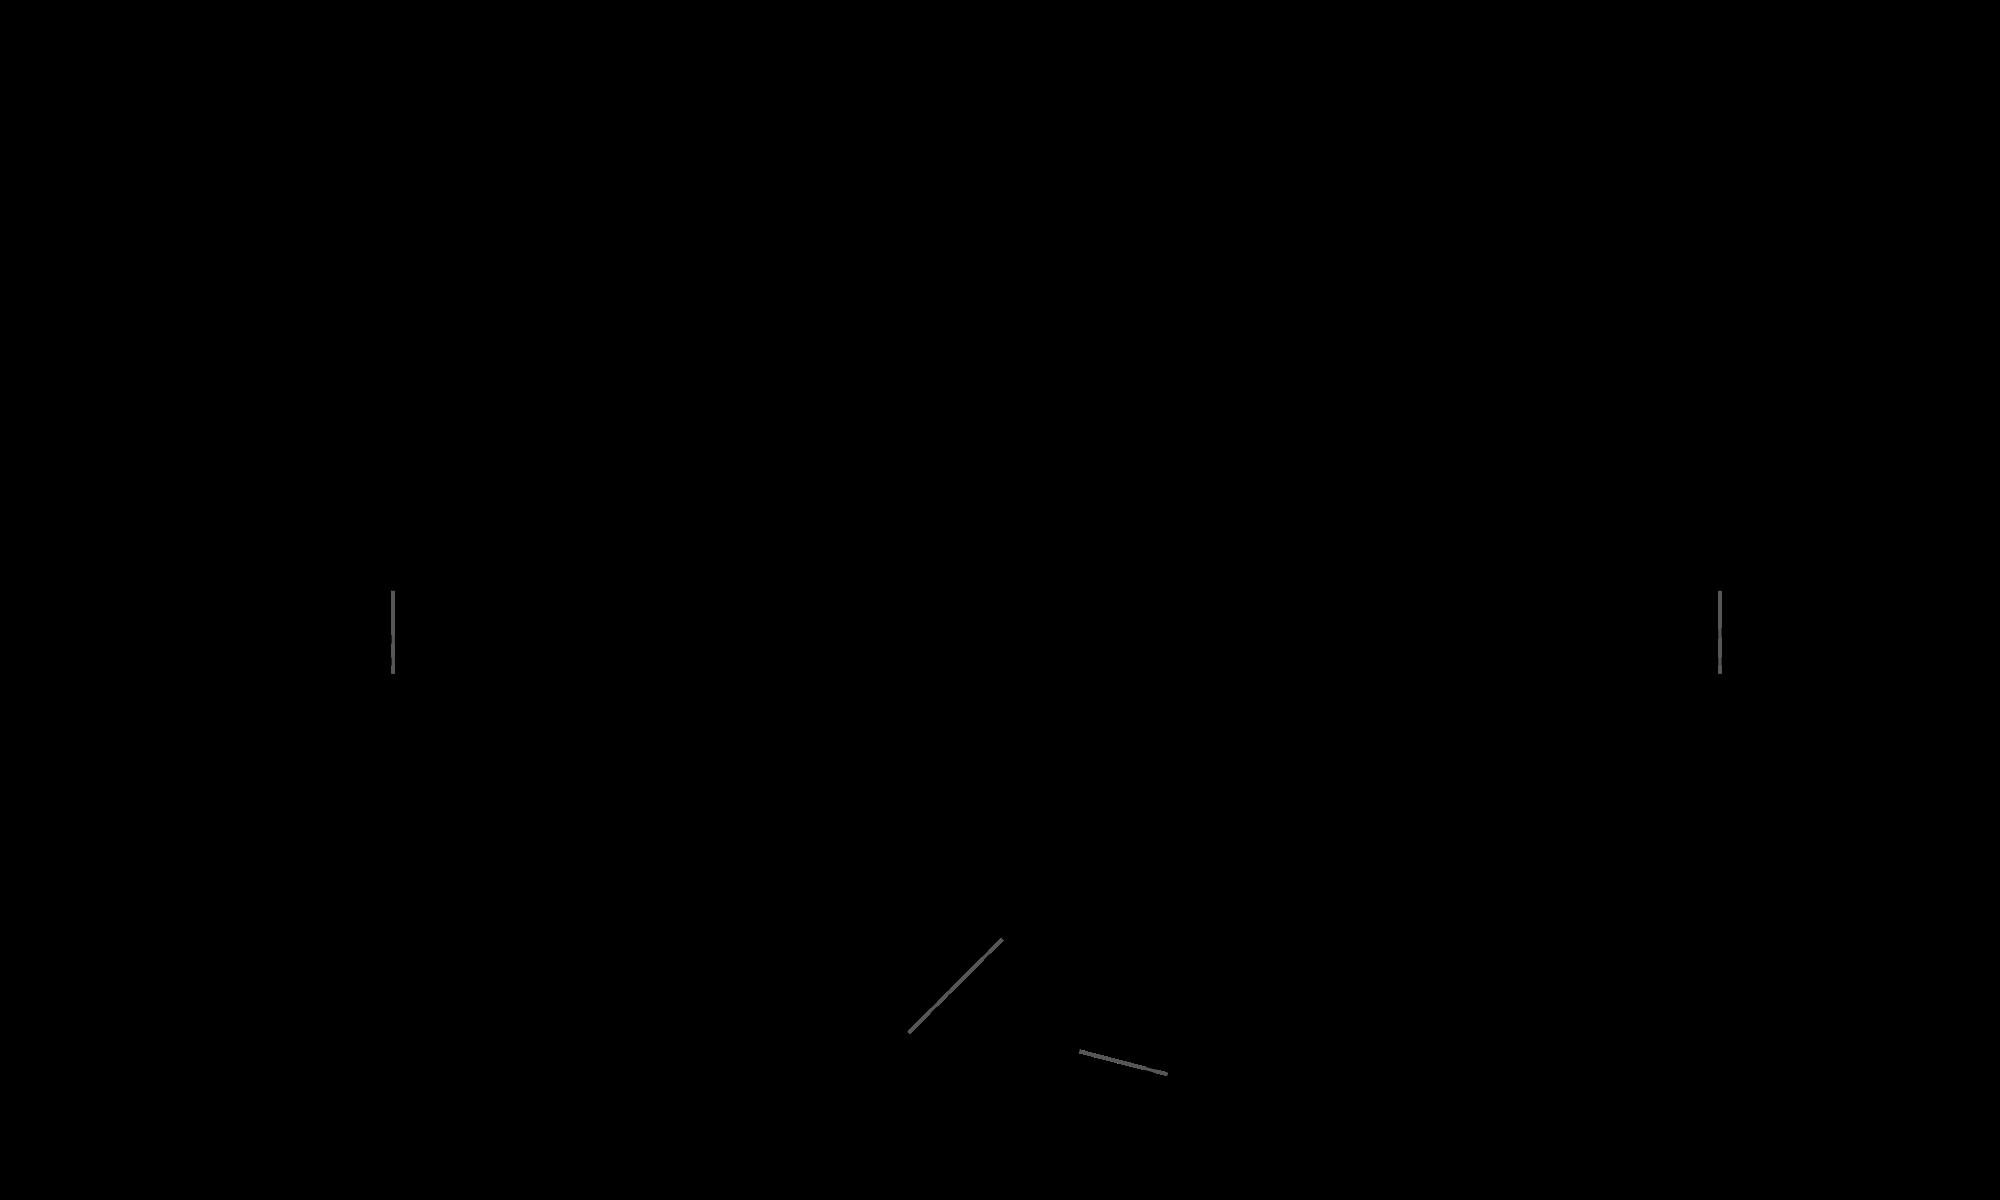 Fluorescent Lamp Circuit Diagram Zen printed circuit board design software pir circuits telephone